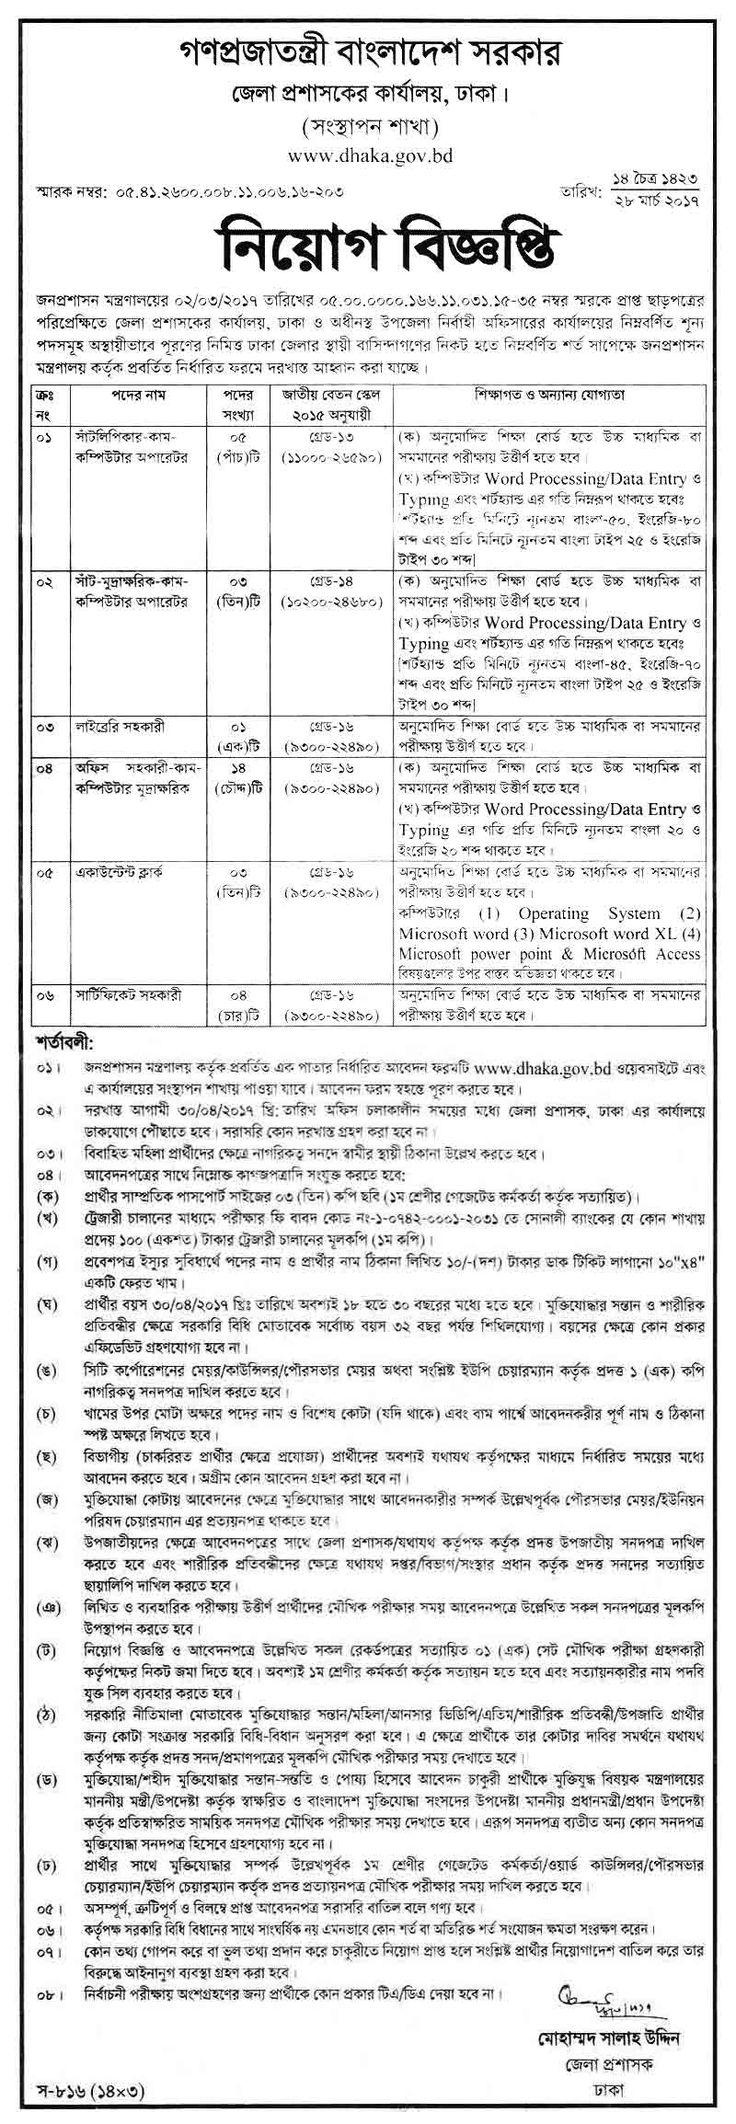 Deputy Commissioner's Office Job Circular April 2017 – Jobs Circular BD